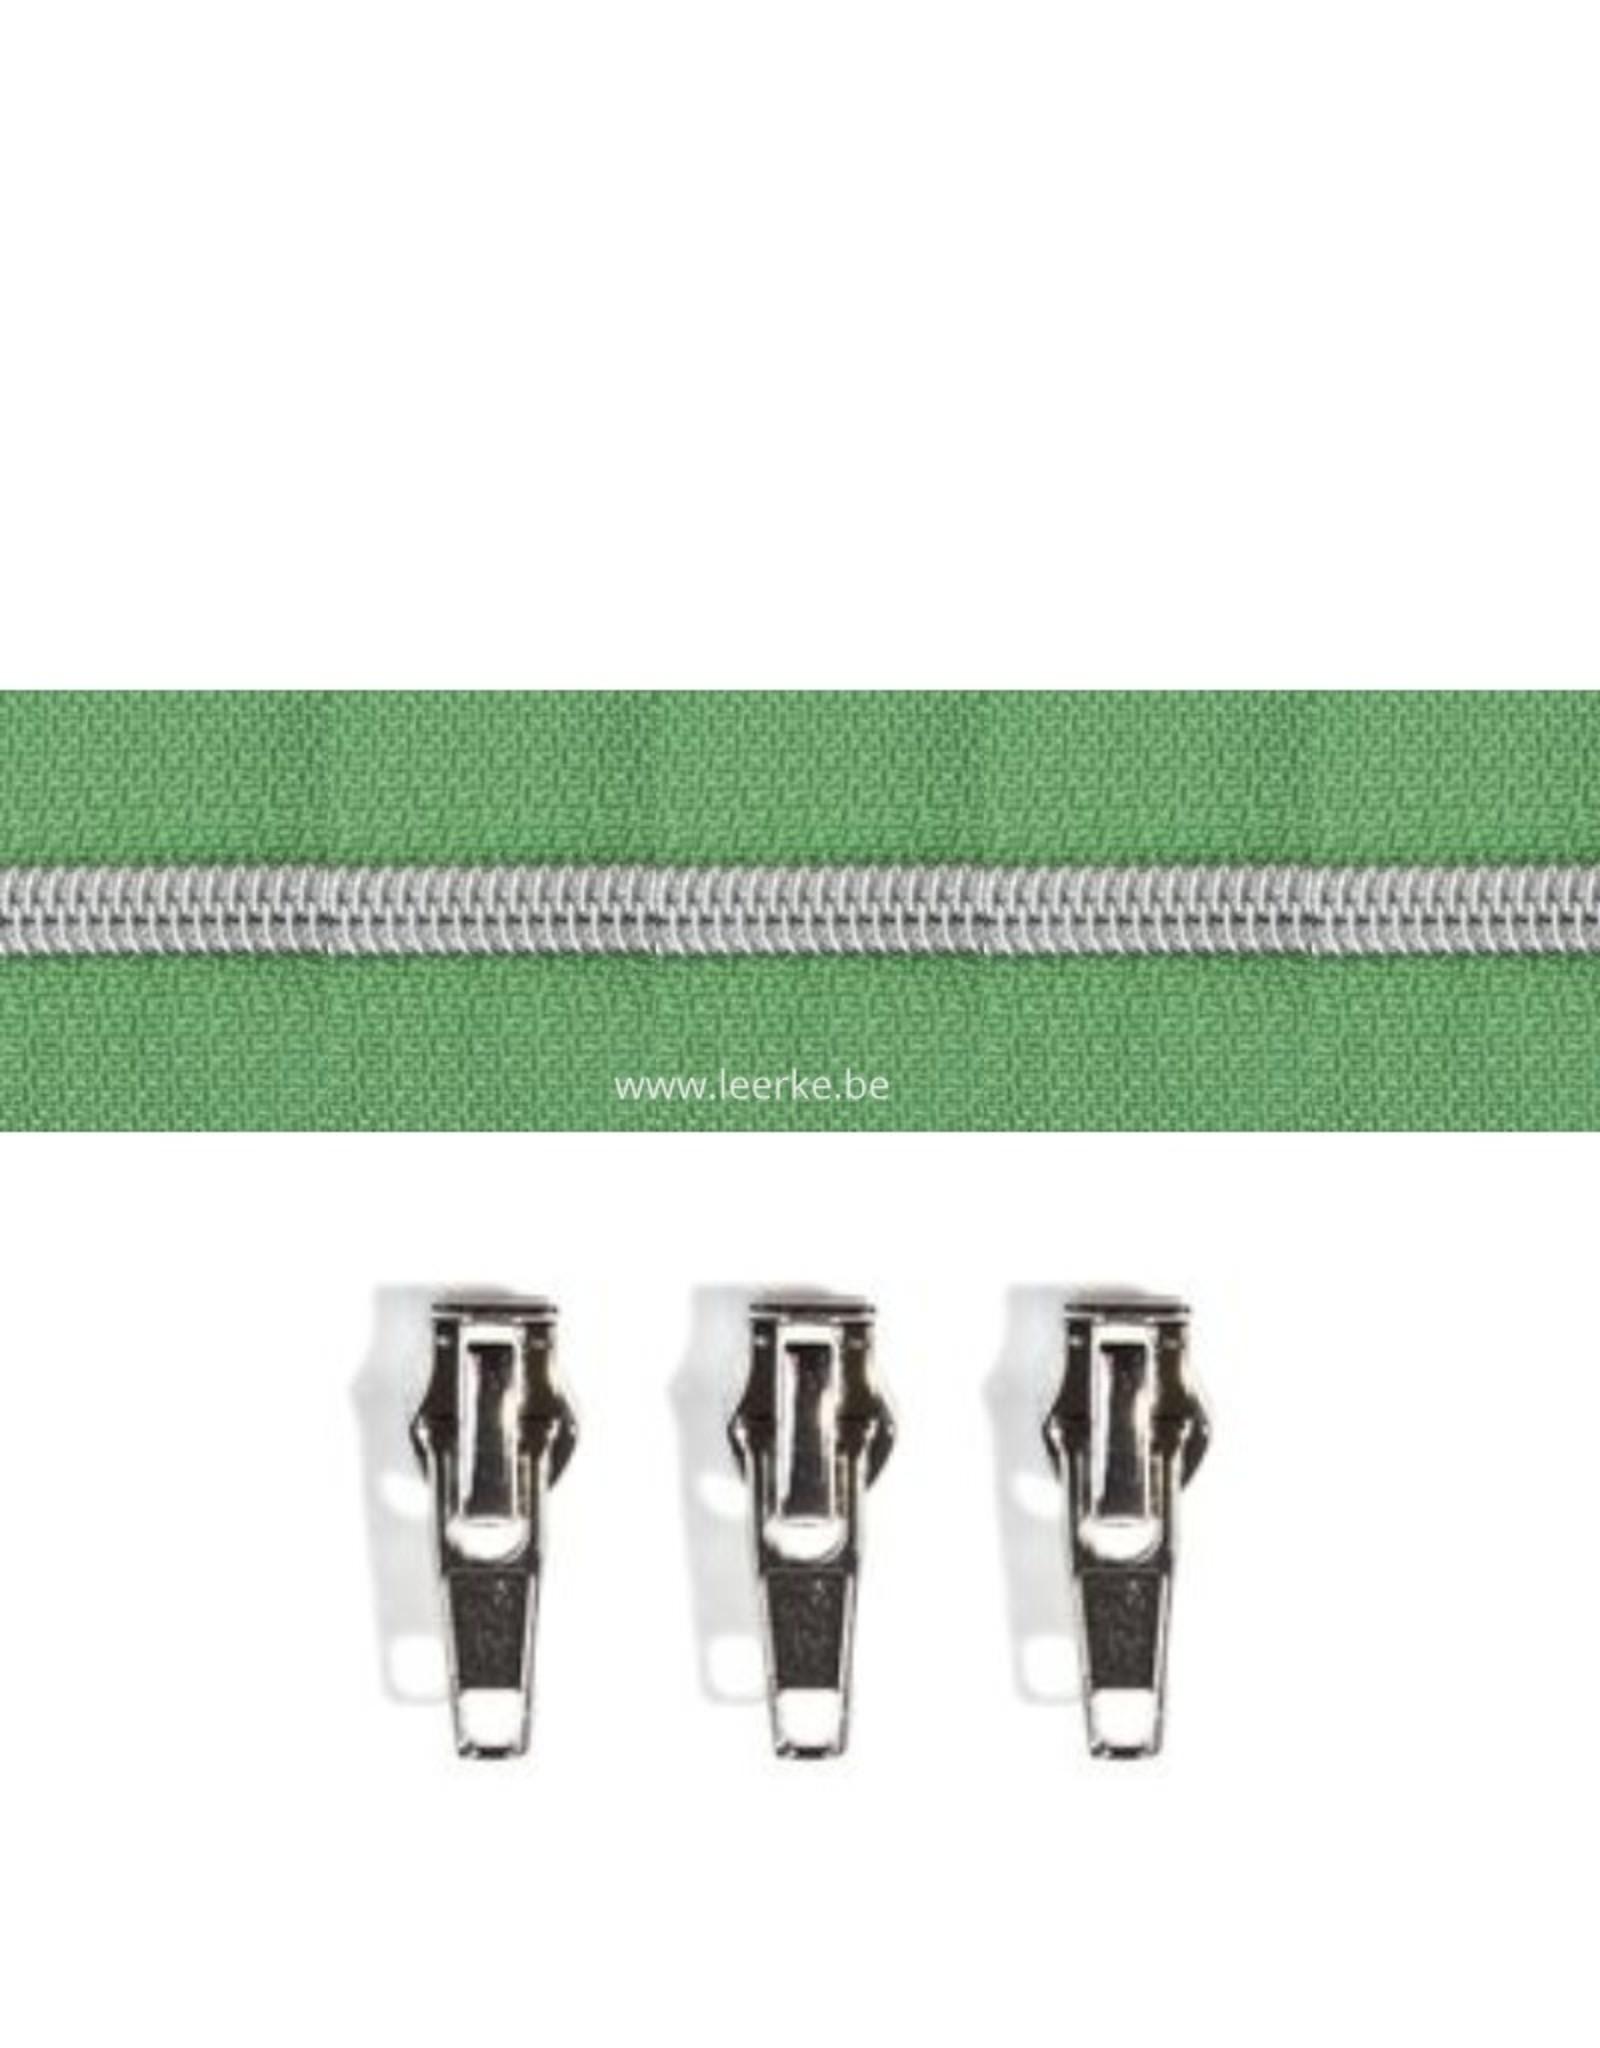 Rits per meter (incl. 3 trekkers) - Zilver- Saliegroen - Size 6,5